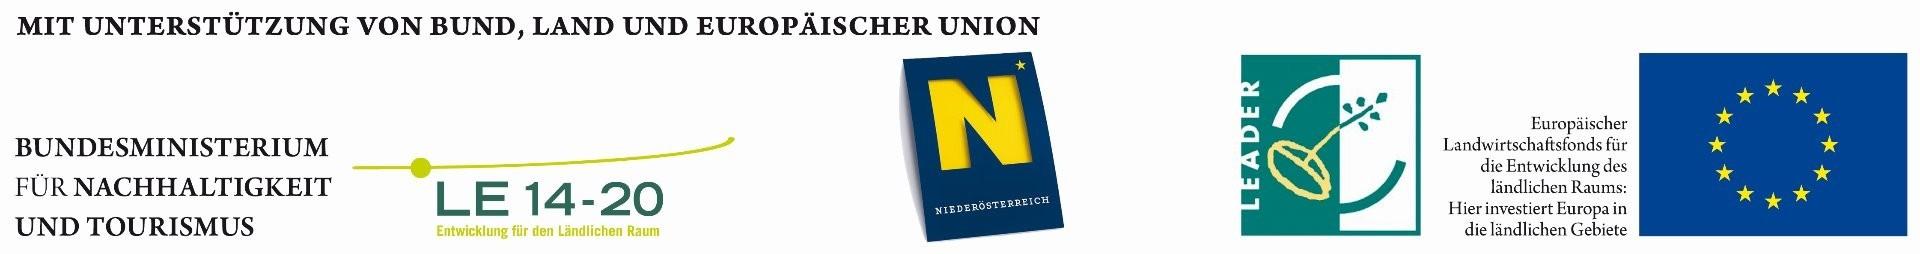 Leader_Bund_NÖ_EU_300_CMYK_interim.jpg